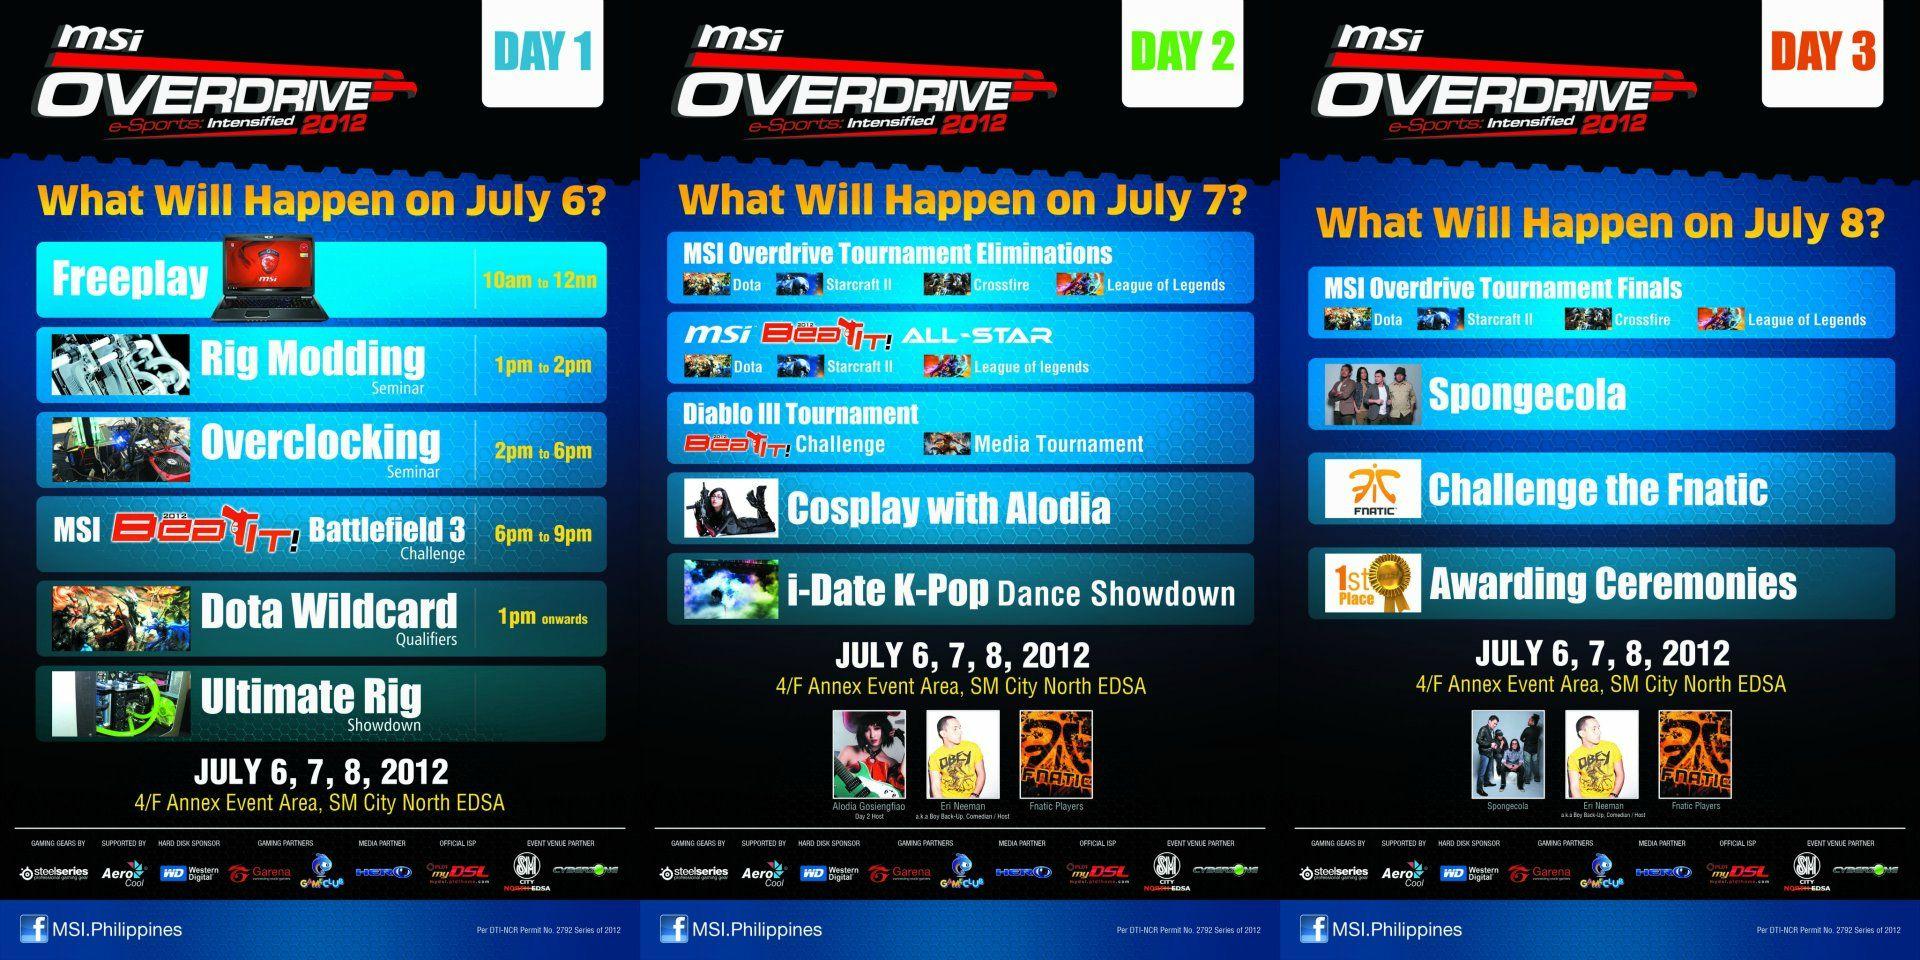 Msi Overdrive Live Updates Mineski Net